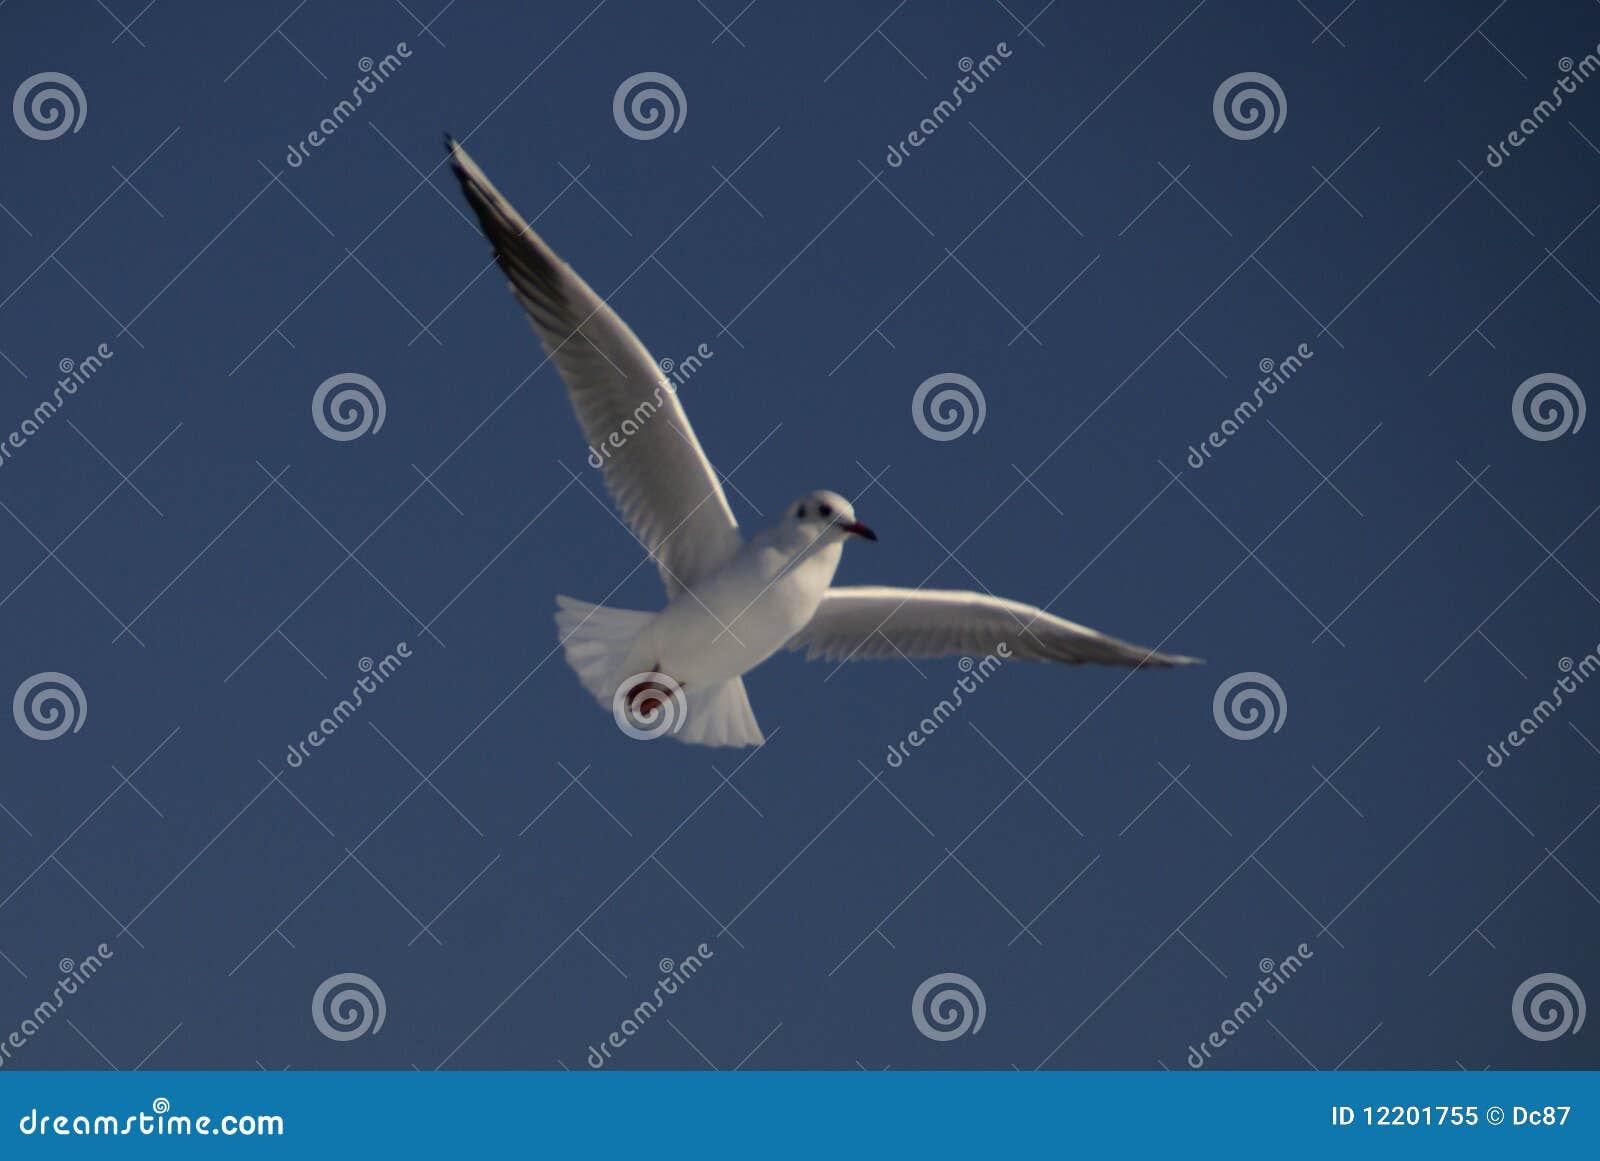 Seemöwe am Flug